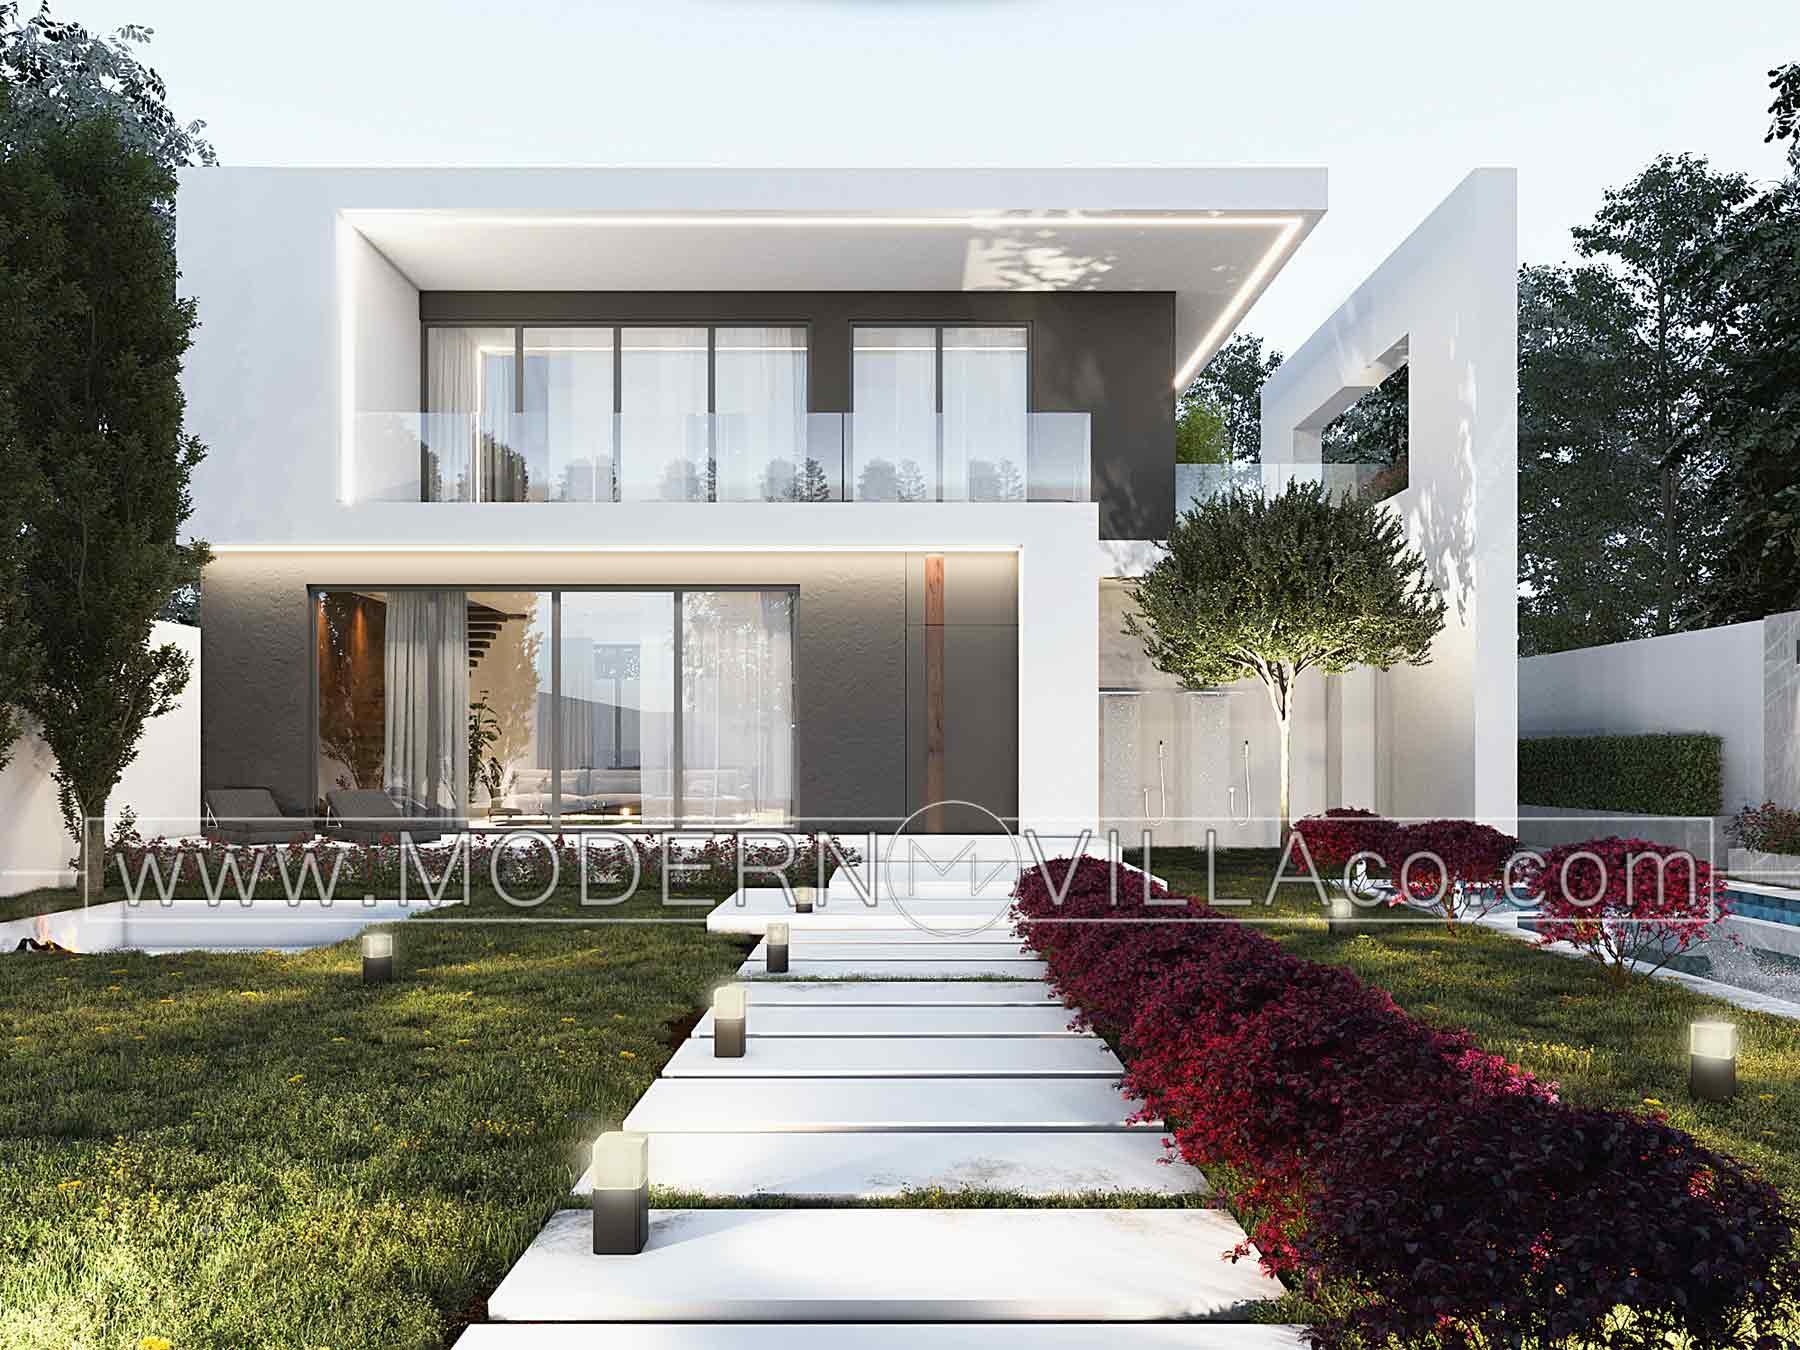 طراحی ویلای مدرن در روستای رامجین چهارباغ کرج